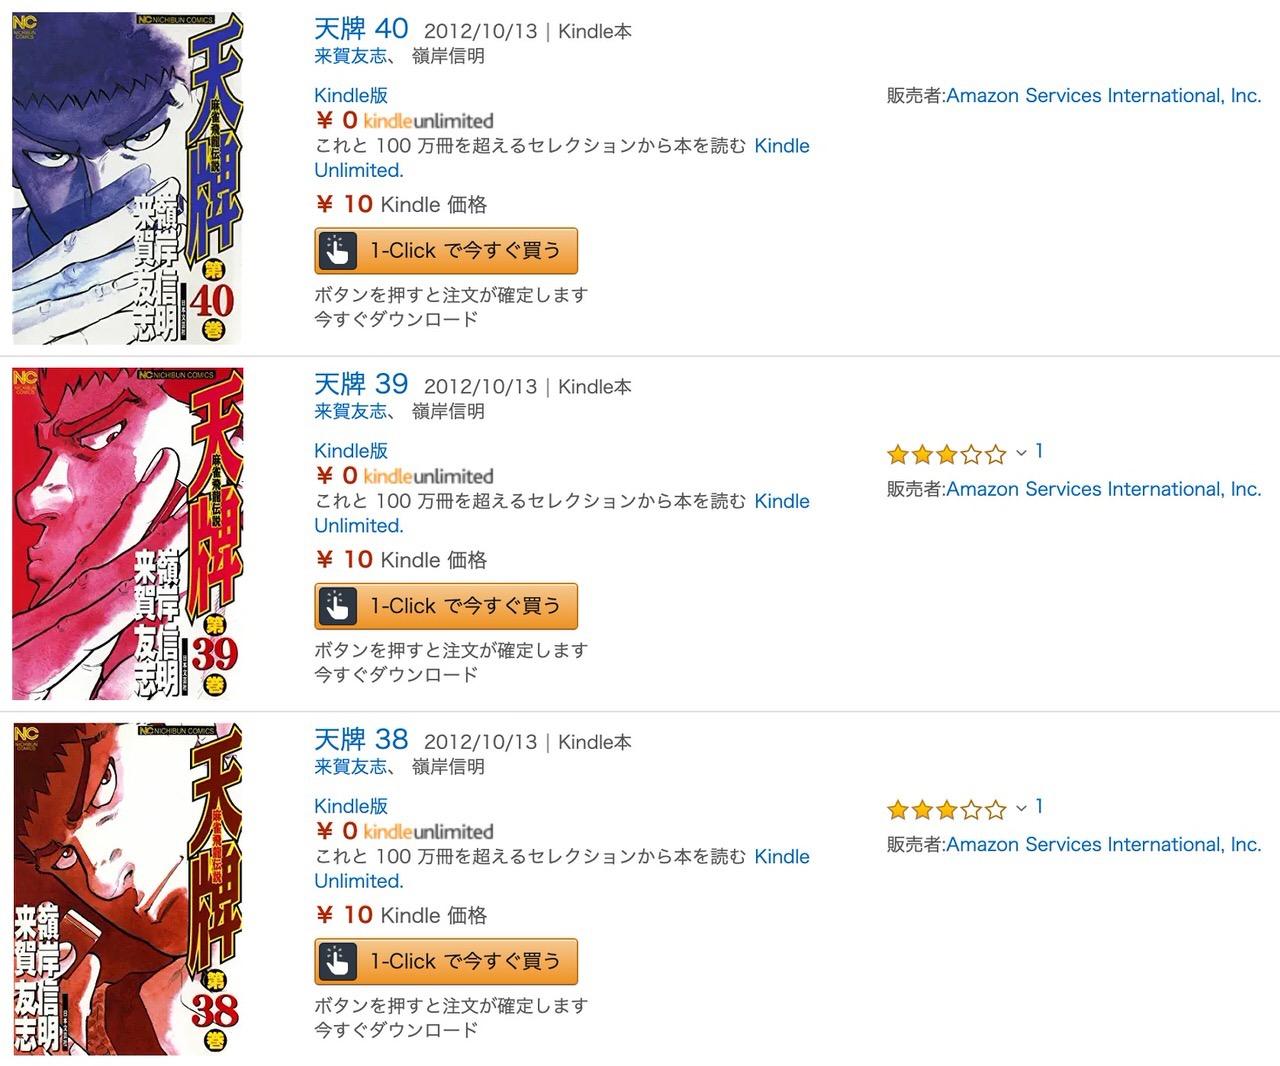 【Kindleセール】1冊10円で60冊が購入可能!「天牌」48時間限定セール(8/18まで)